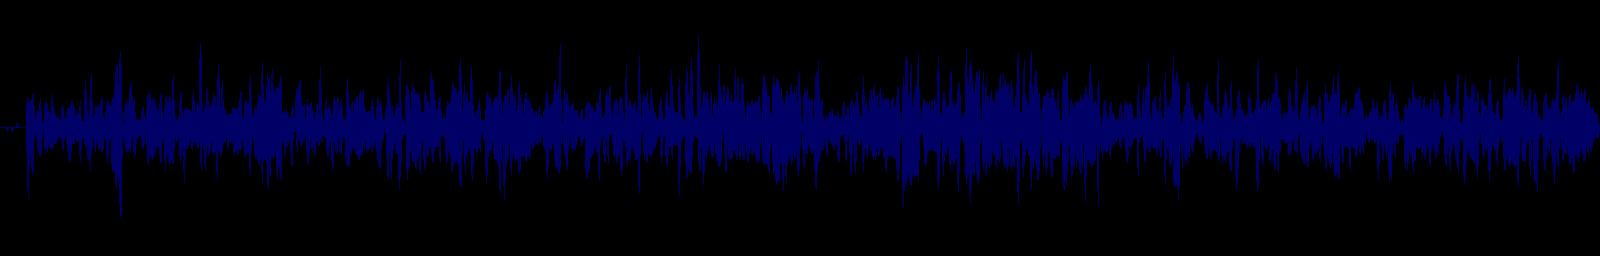 waveform of track #153006